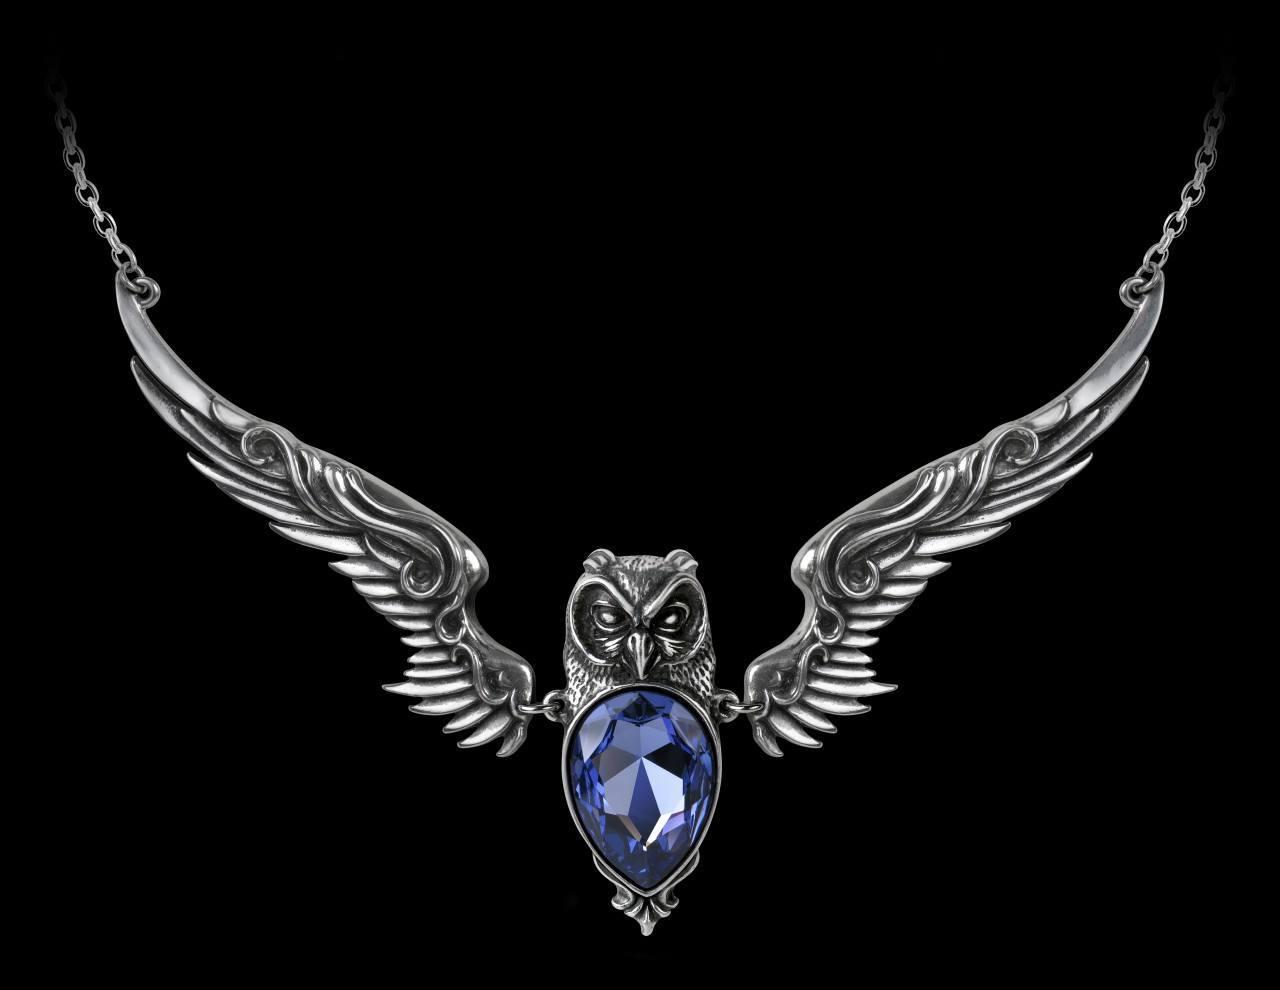 Alchemy Fantasy Necklace with Owl - Stryx